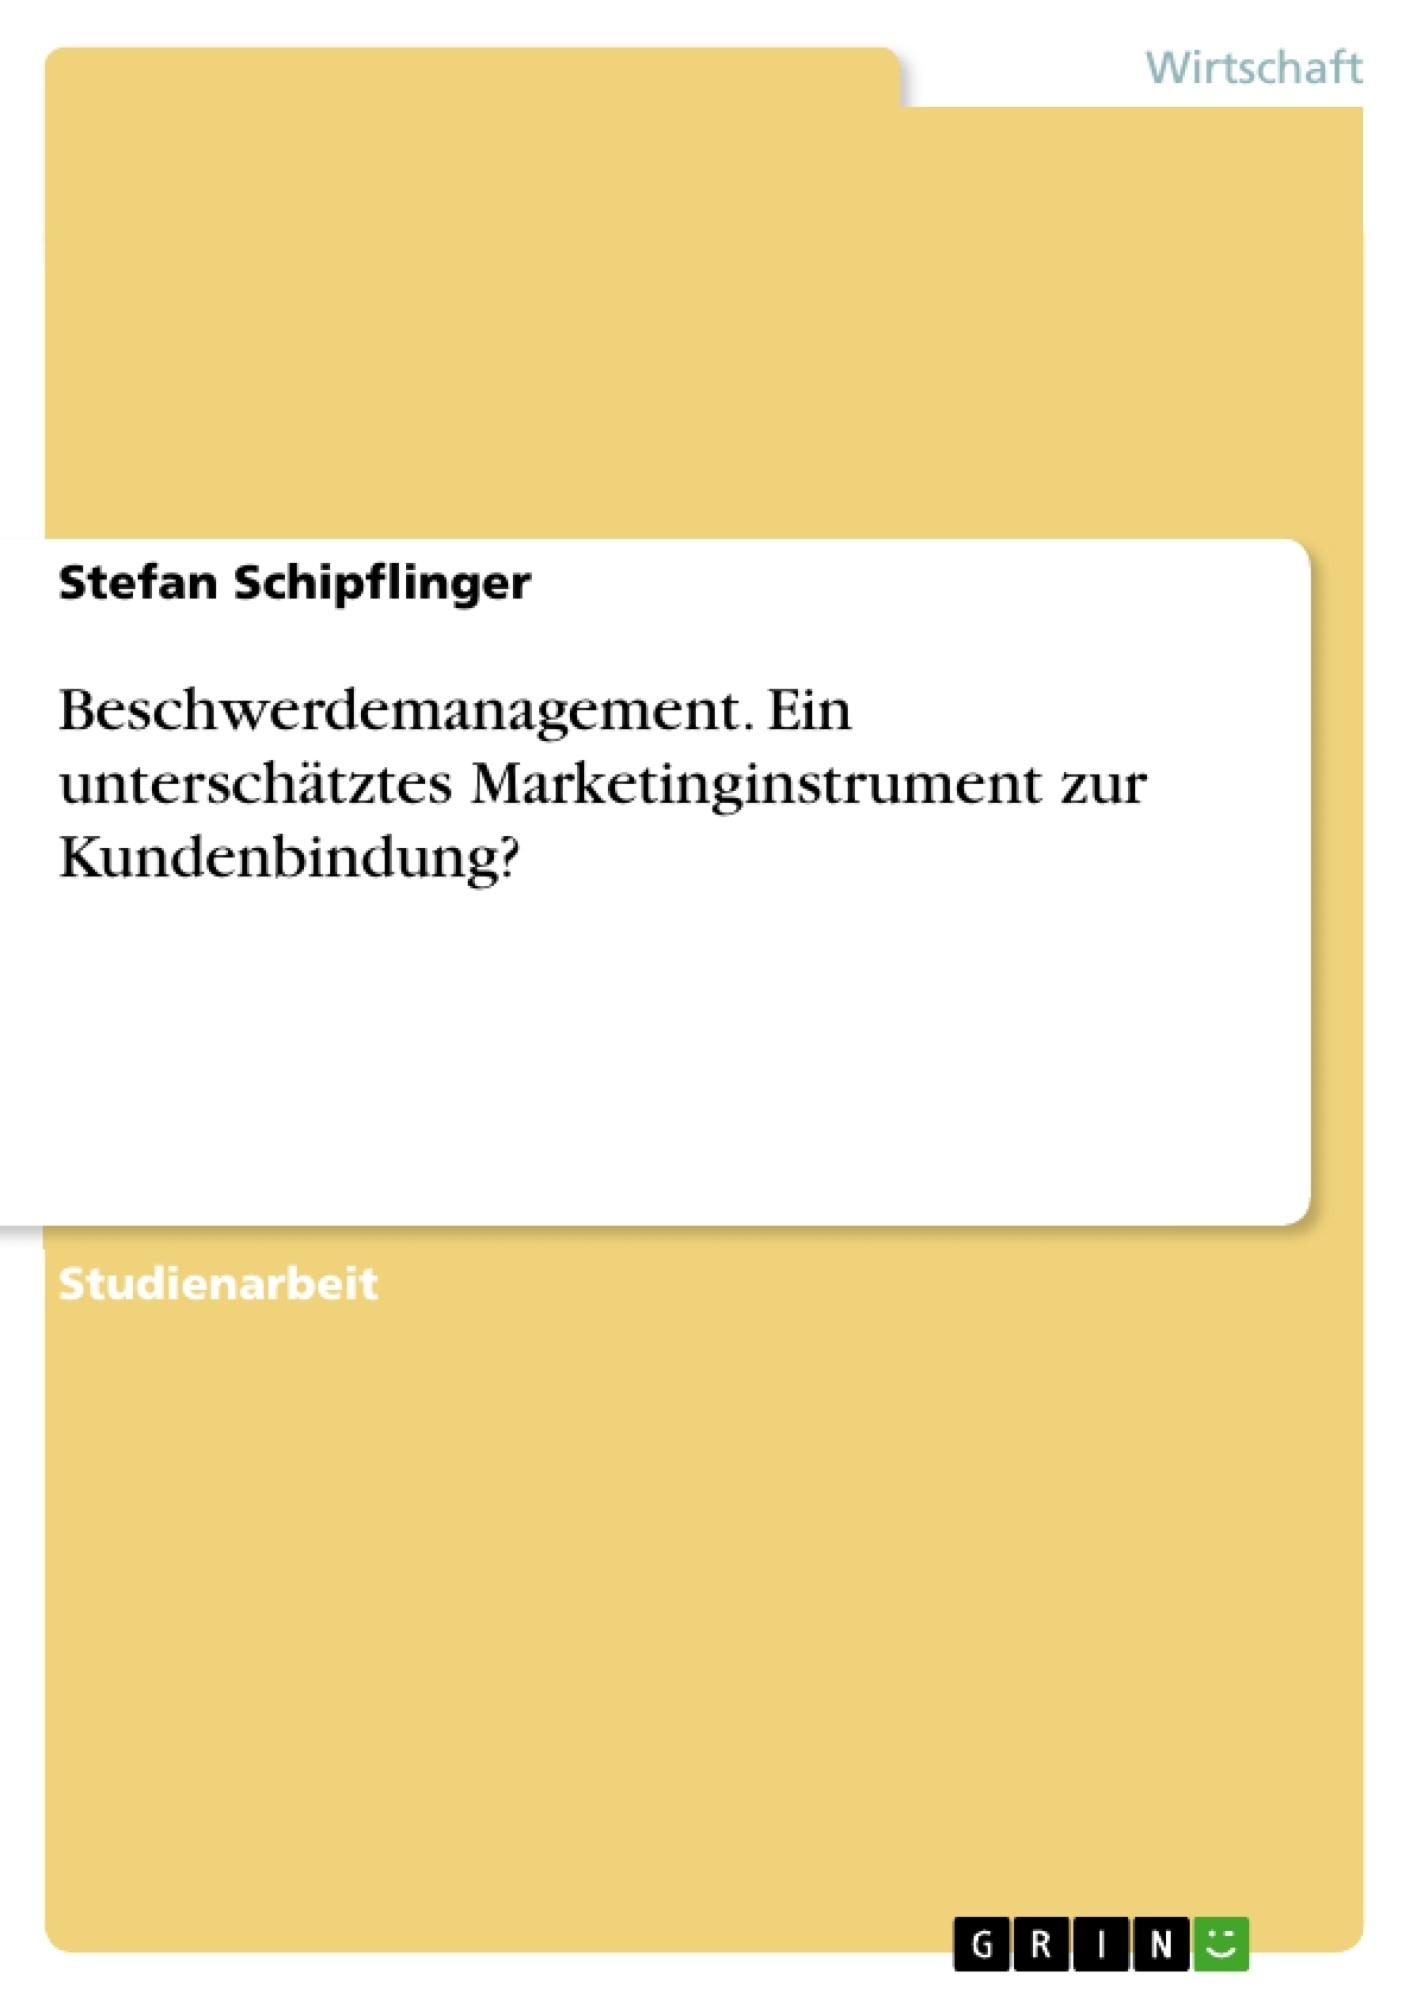 Titel: Beschwerdemanagement. Ein unterschätztes Marketinginstrument zur Kundenbindung?